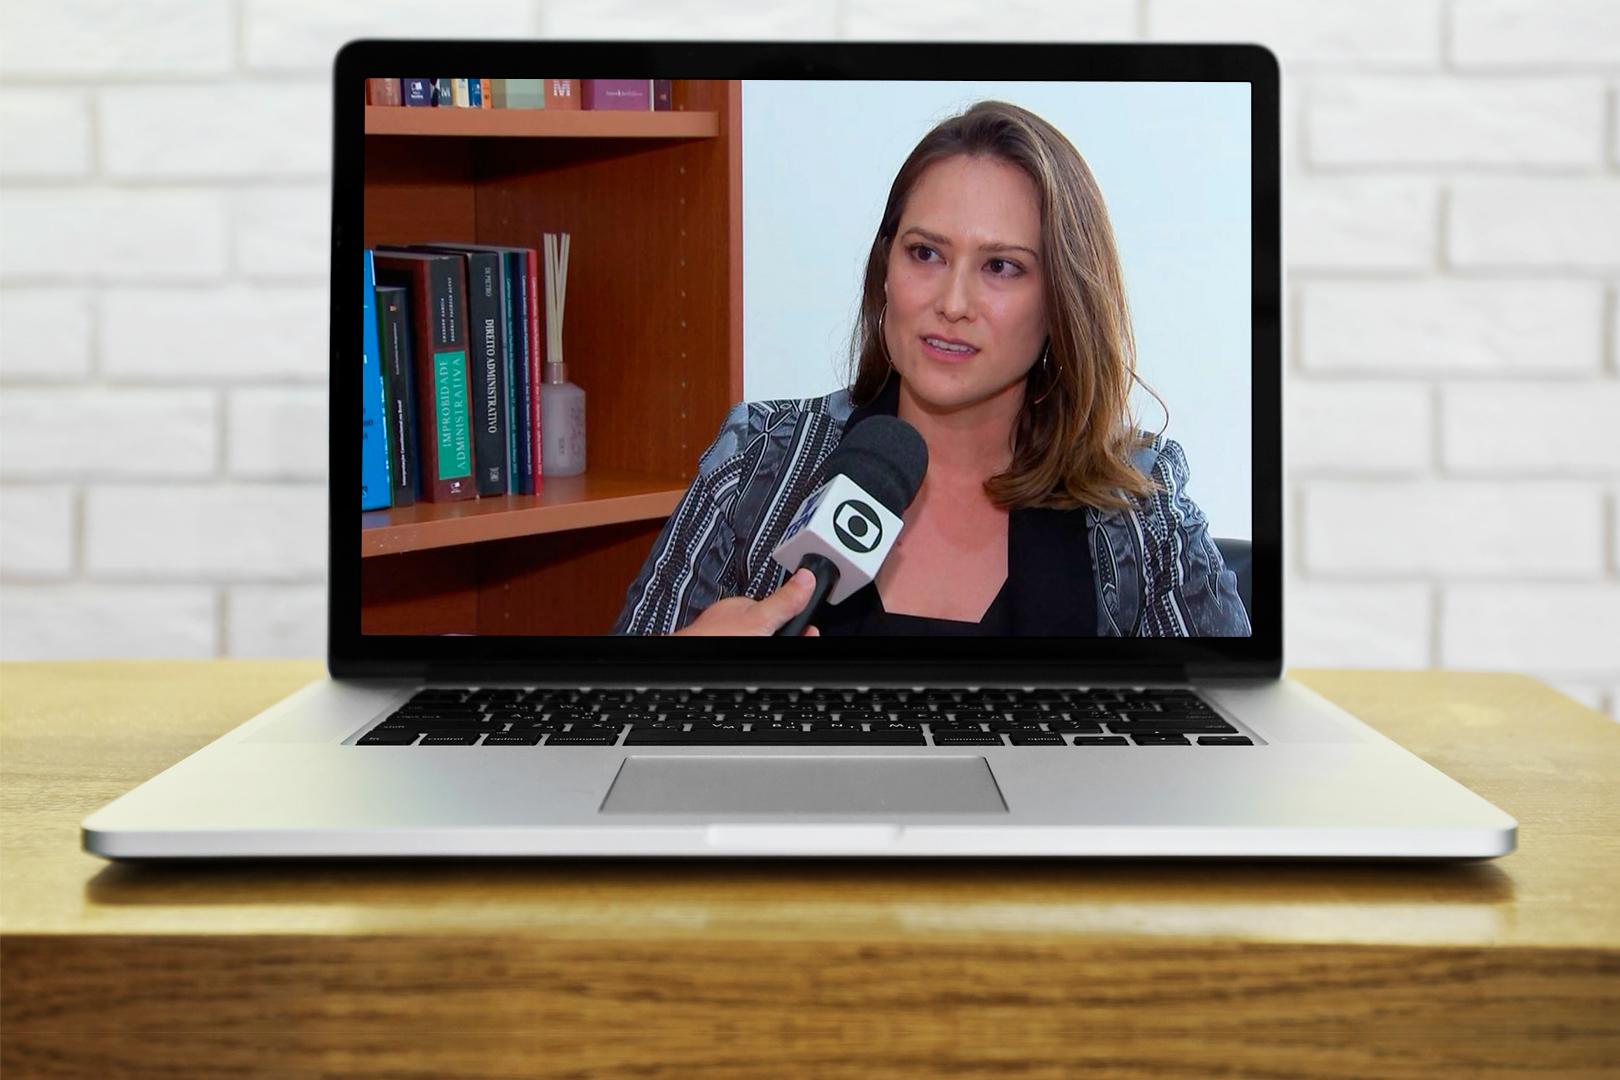 TJ na Mídia: sustentabilidade no fórum de Barra Bonita